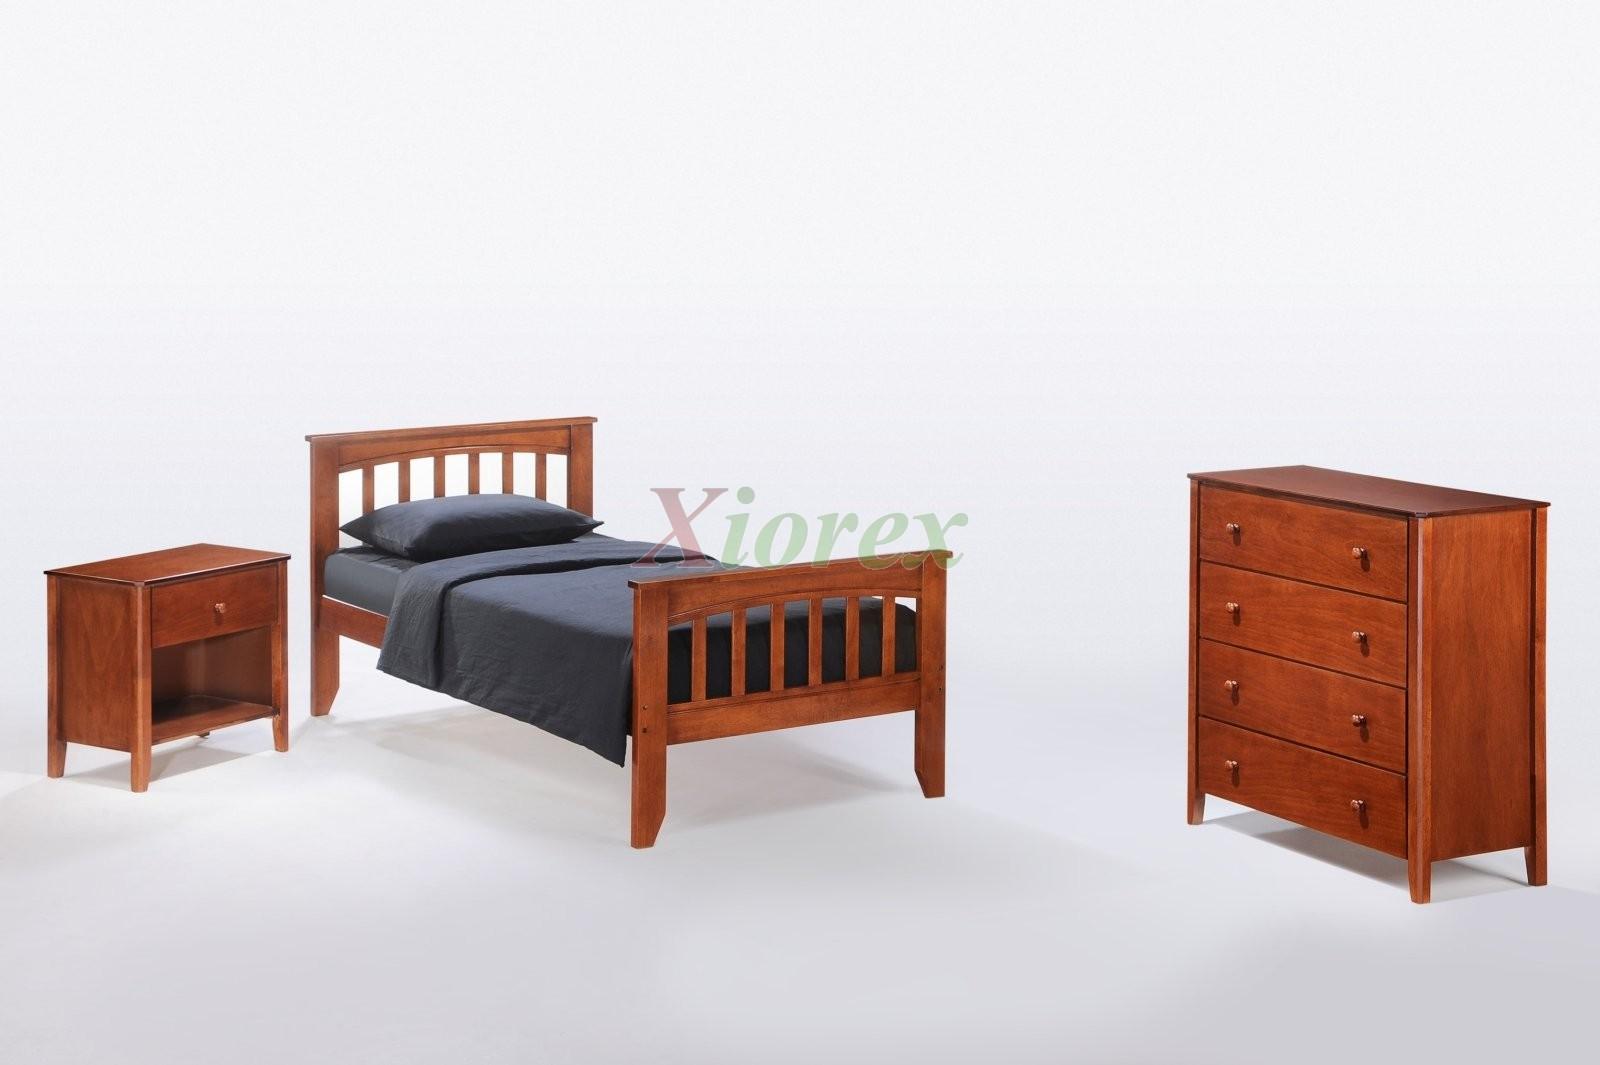 Youth bedroom sets night day sasparilla bed sets for youth zest - Juvenile bedroom sets ...